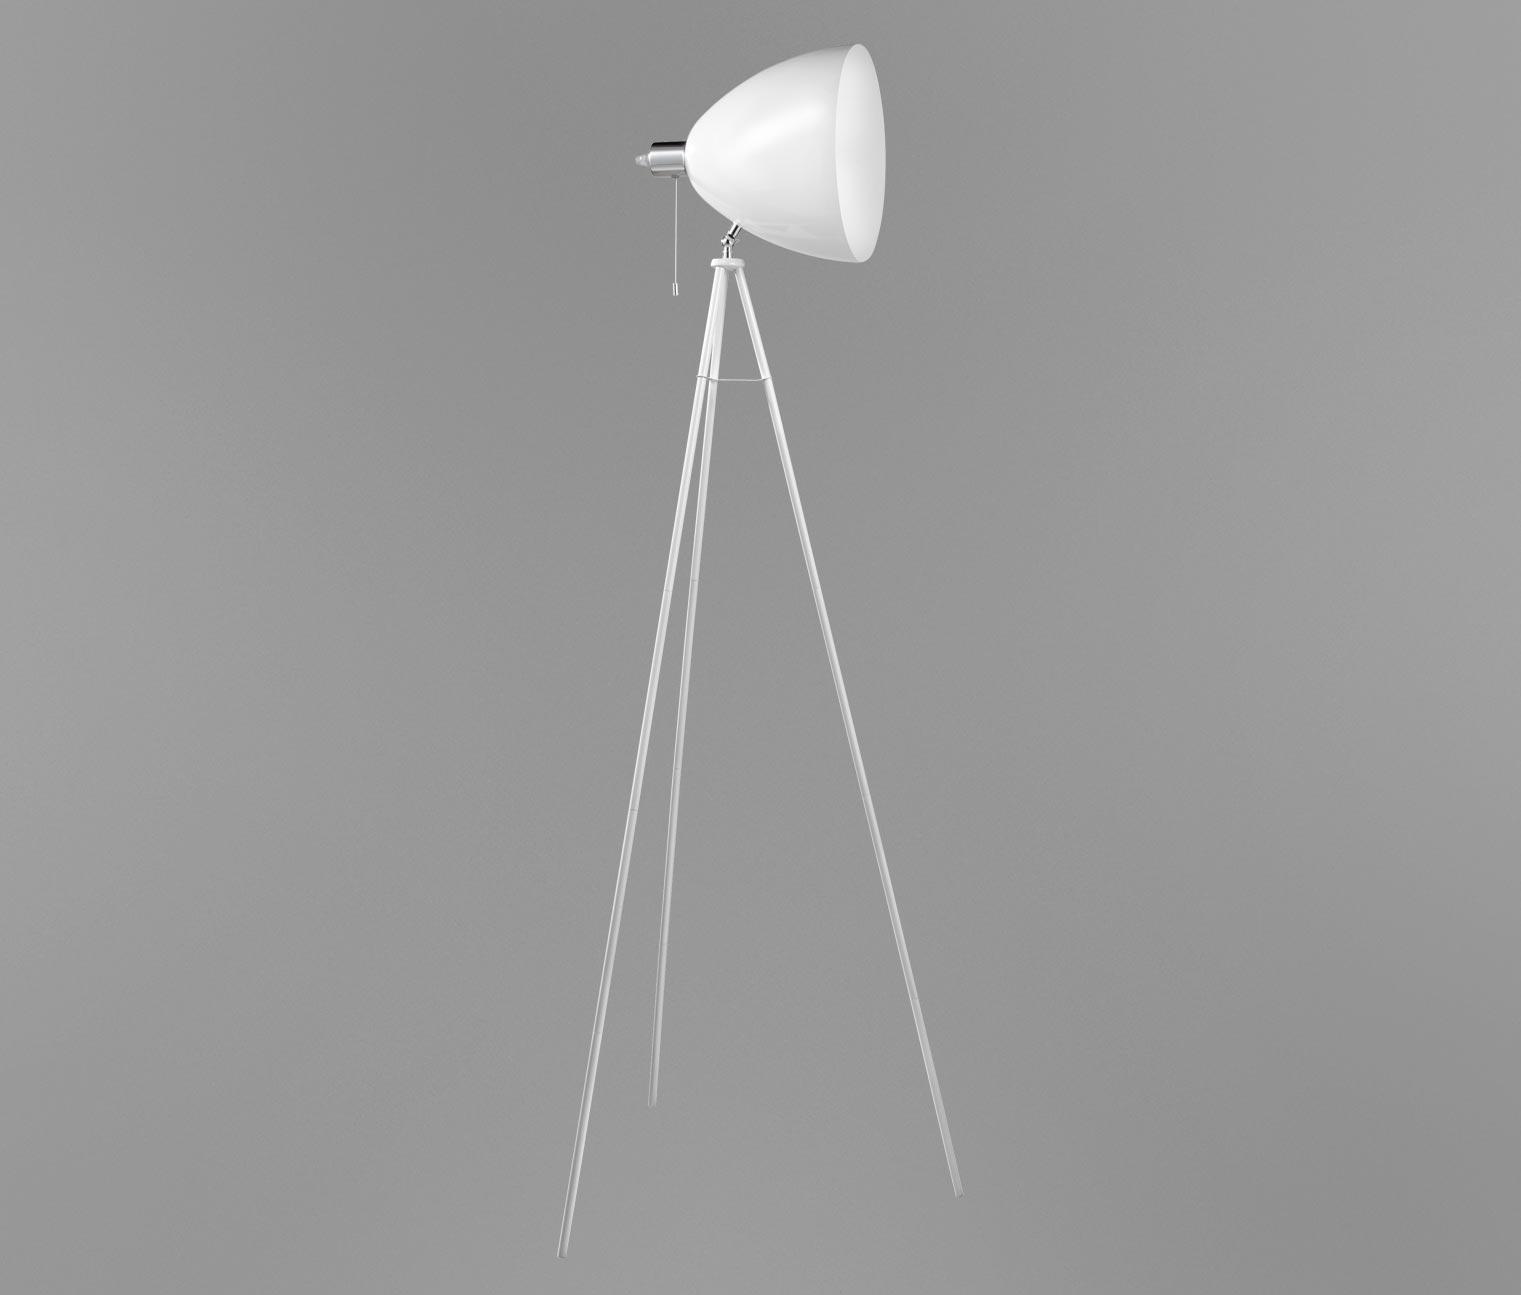 stehleuchte-stativlampe-tchibo-2